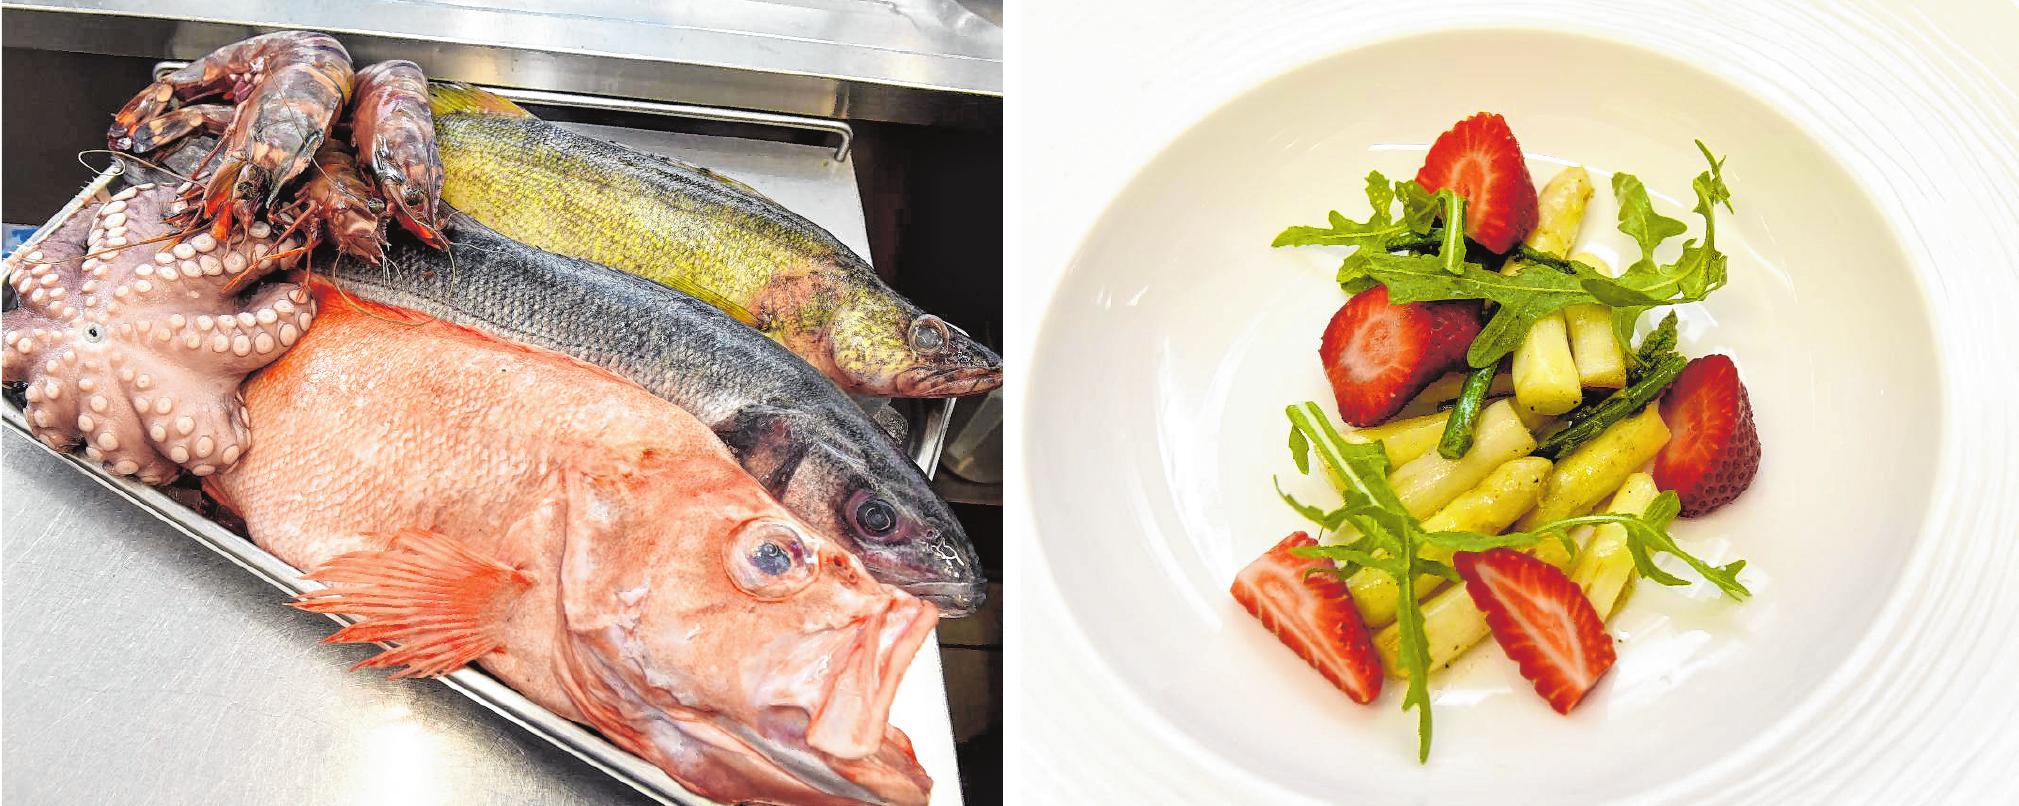 Slow Food – zubereitet mit Produkten bester Qualität Image 2